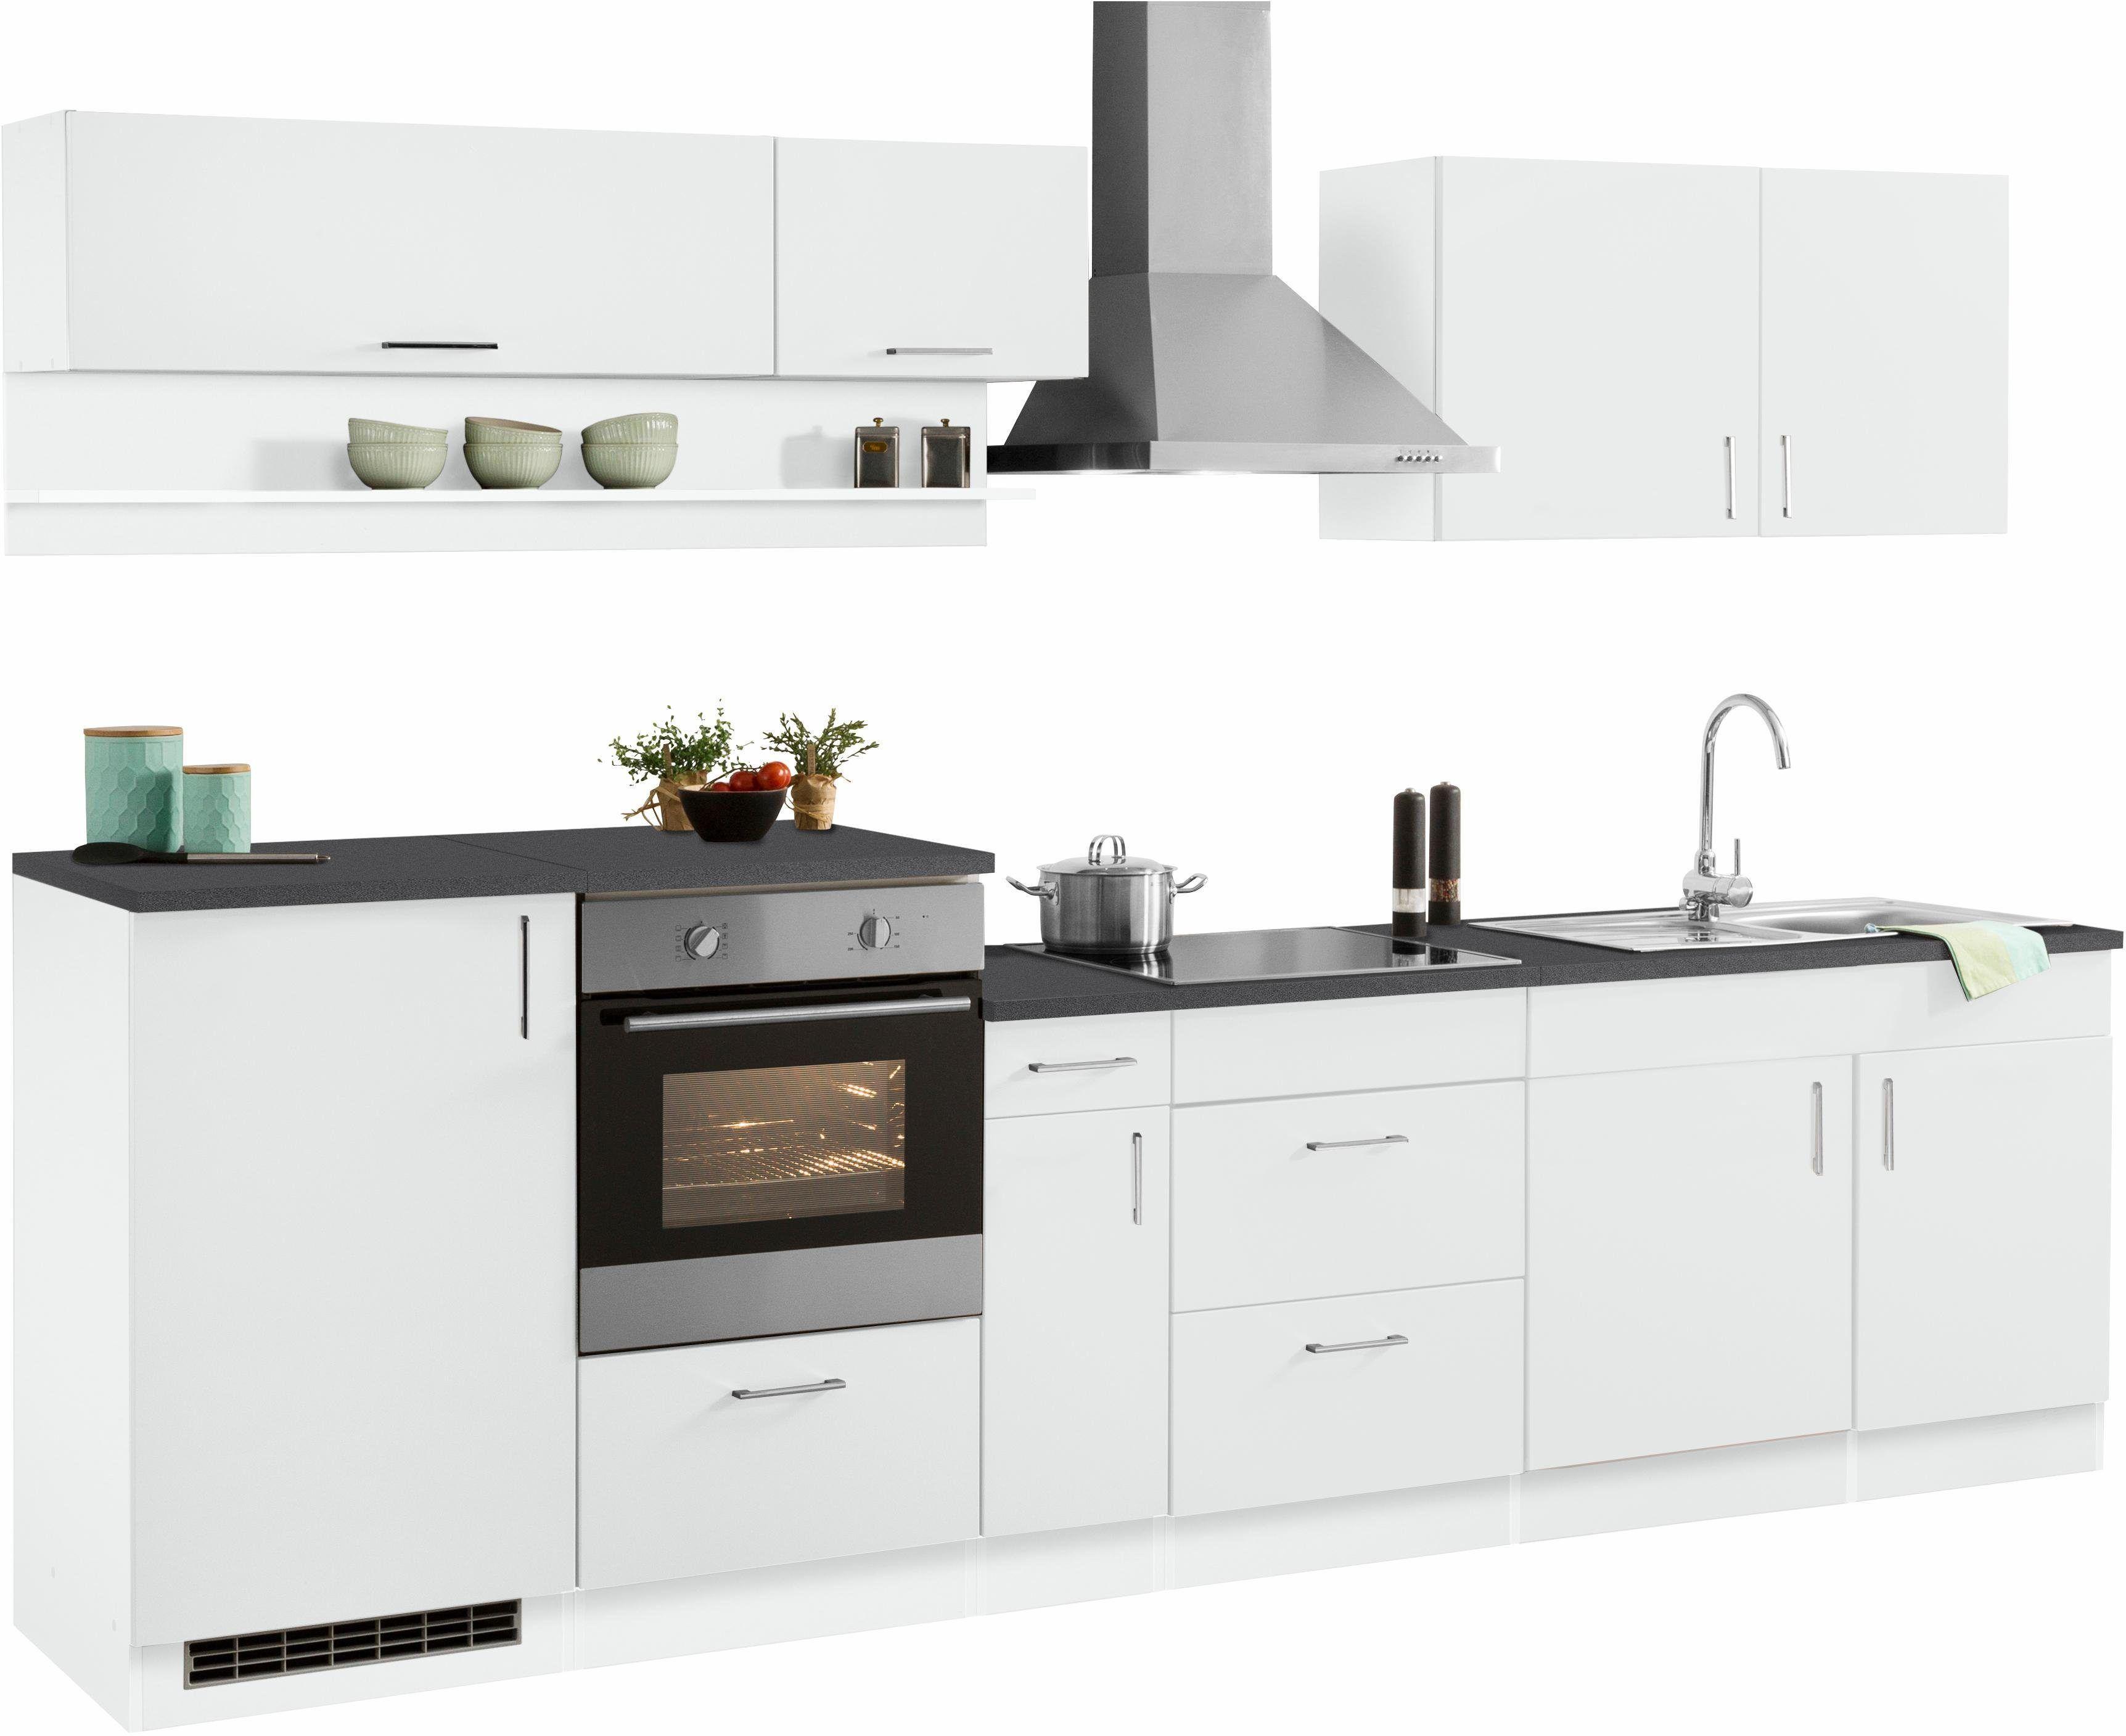 Berühmt Held Küchenzeile Ideen - Die Designideen für Badezimmer ...